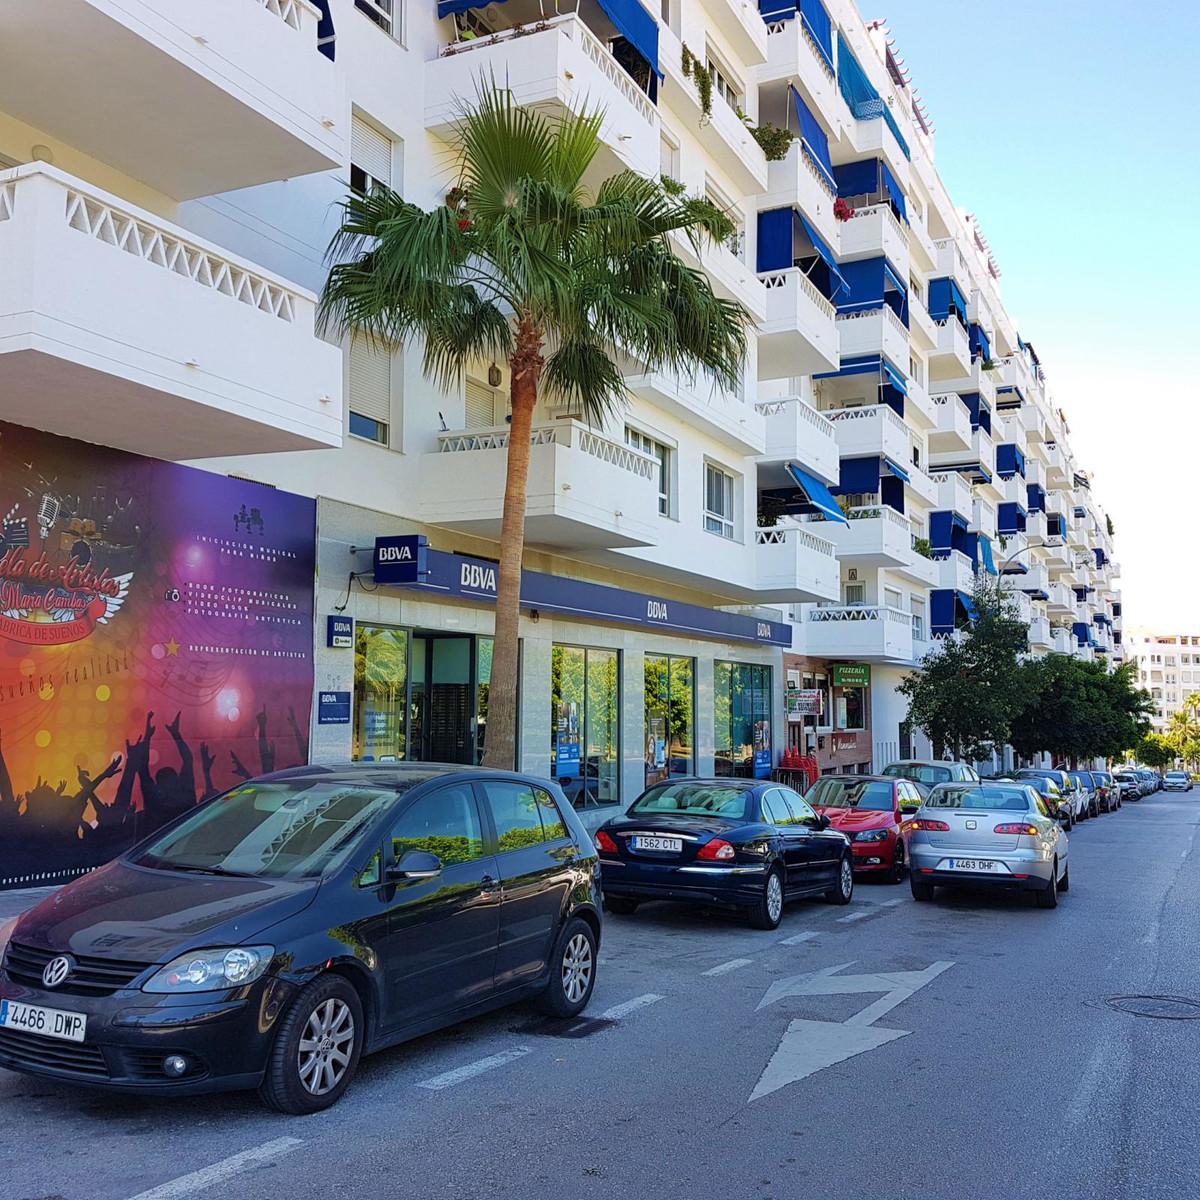 7 dormitorio comercial en venta nueva andalucia